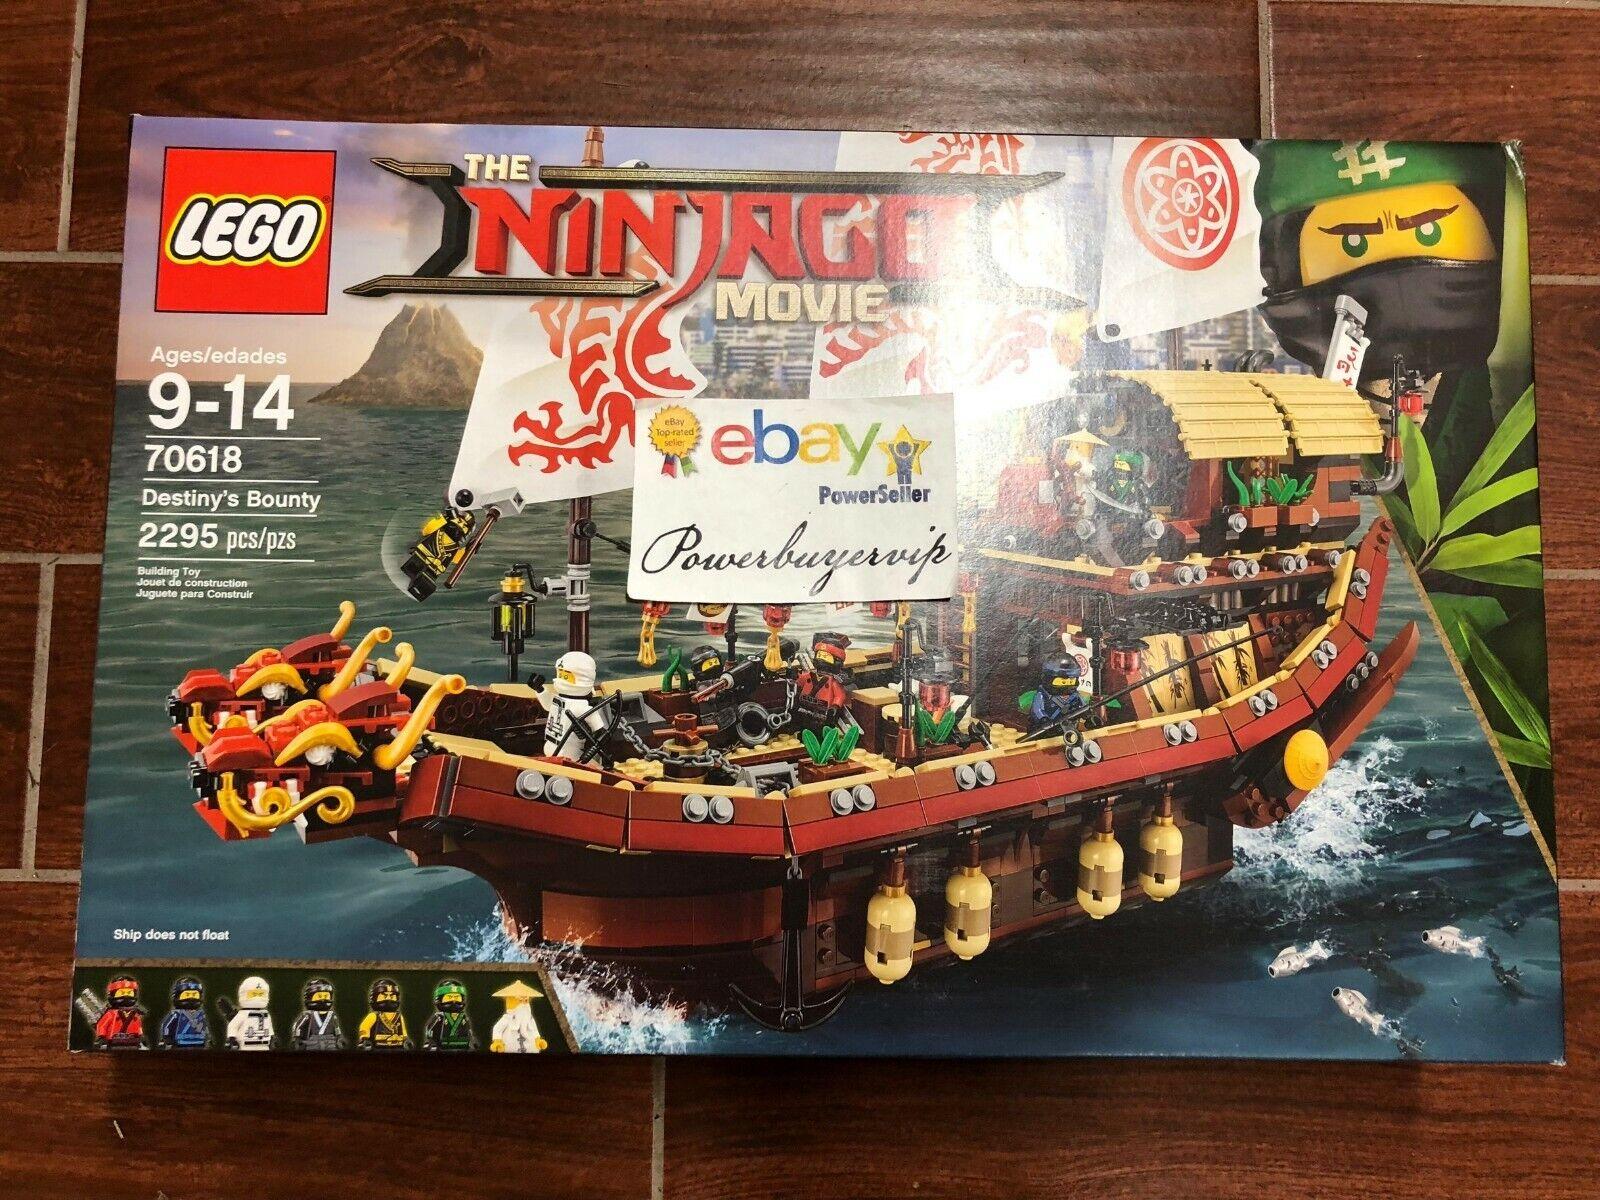 nuovo LEGO 70618 The LEGO Ninjago  Movie Destiny's Bounty 2017 2 Day Get  migliore qualità